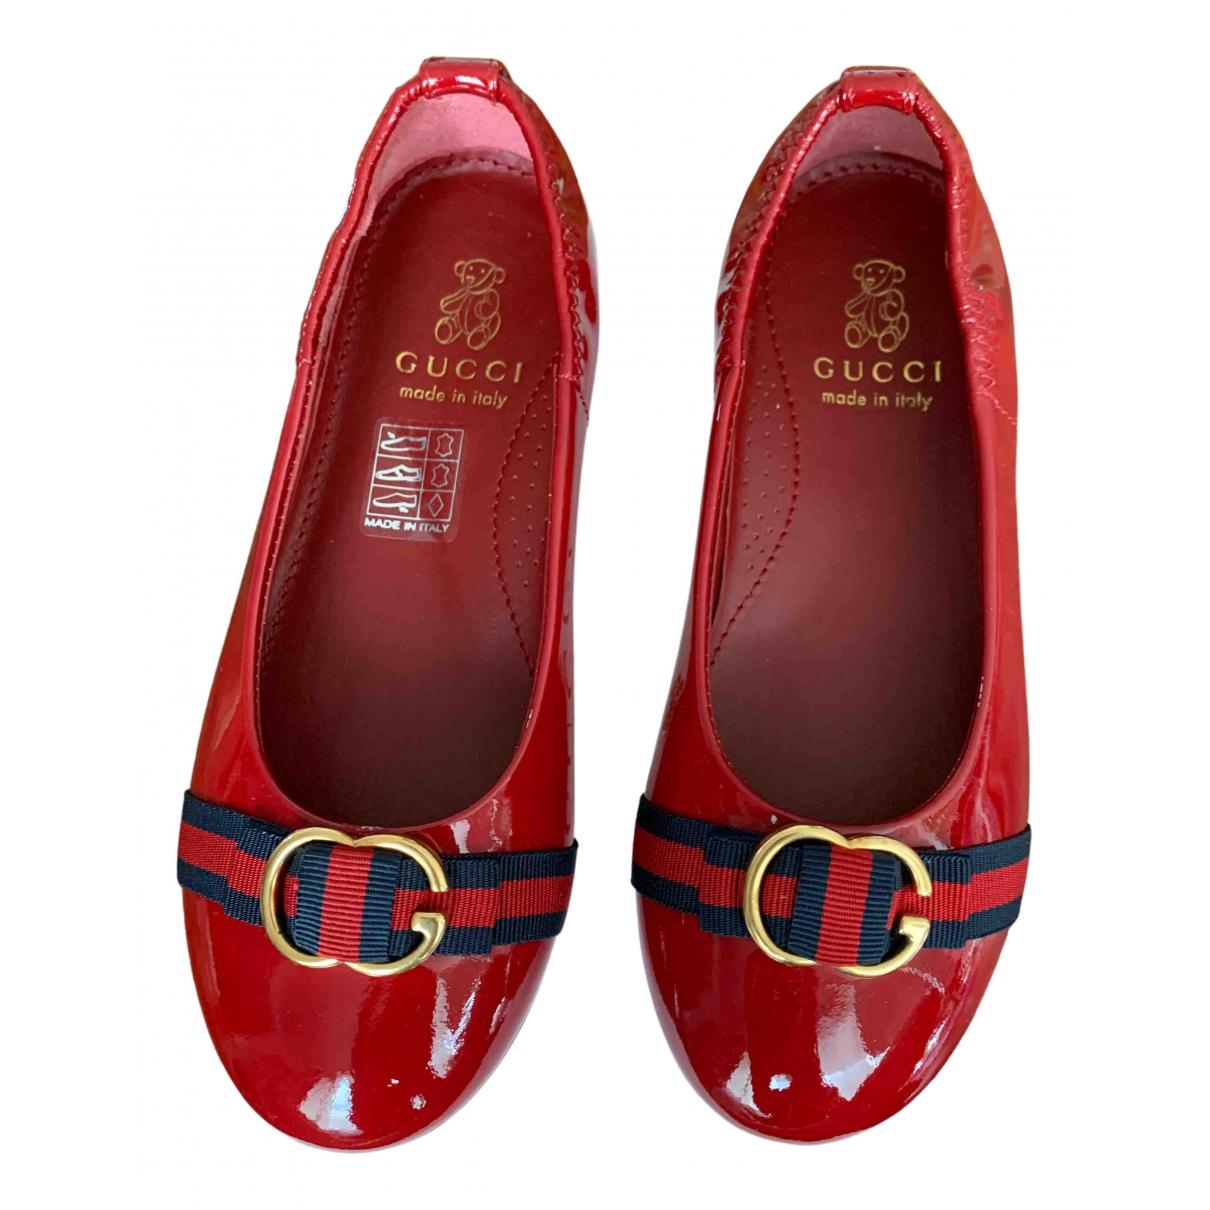 Gucci - Ballerines   pour enfant en cuir verni - rouge